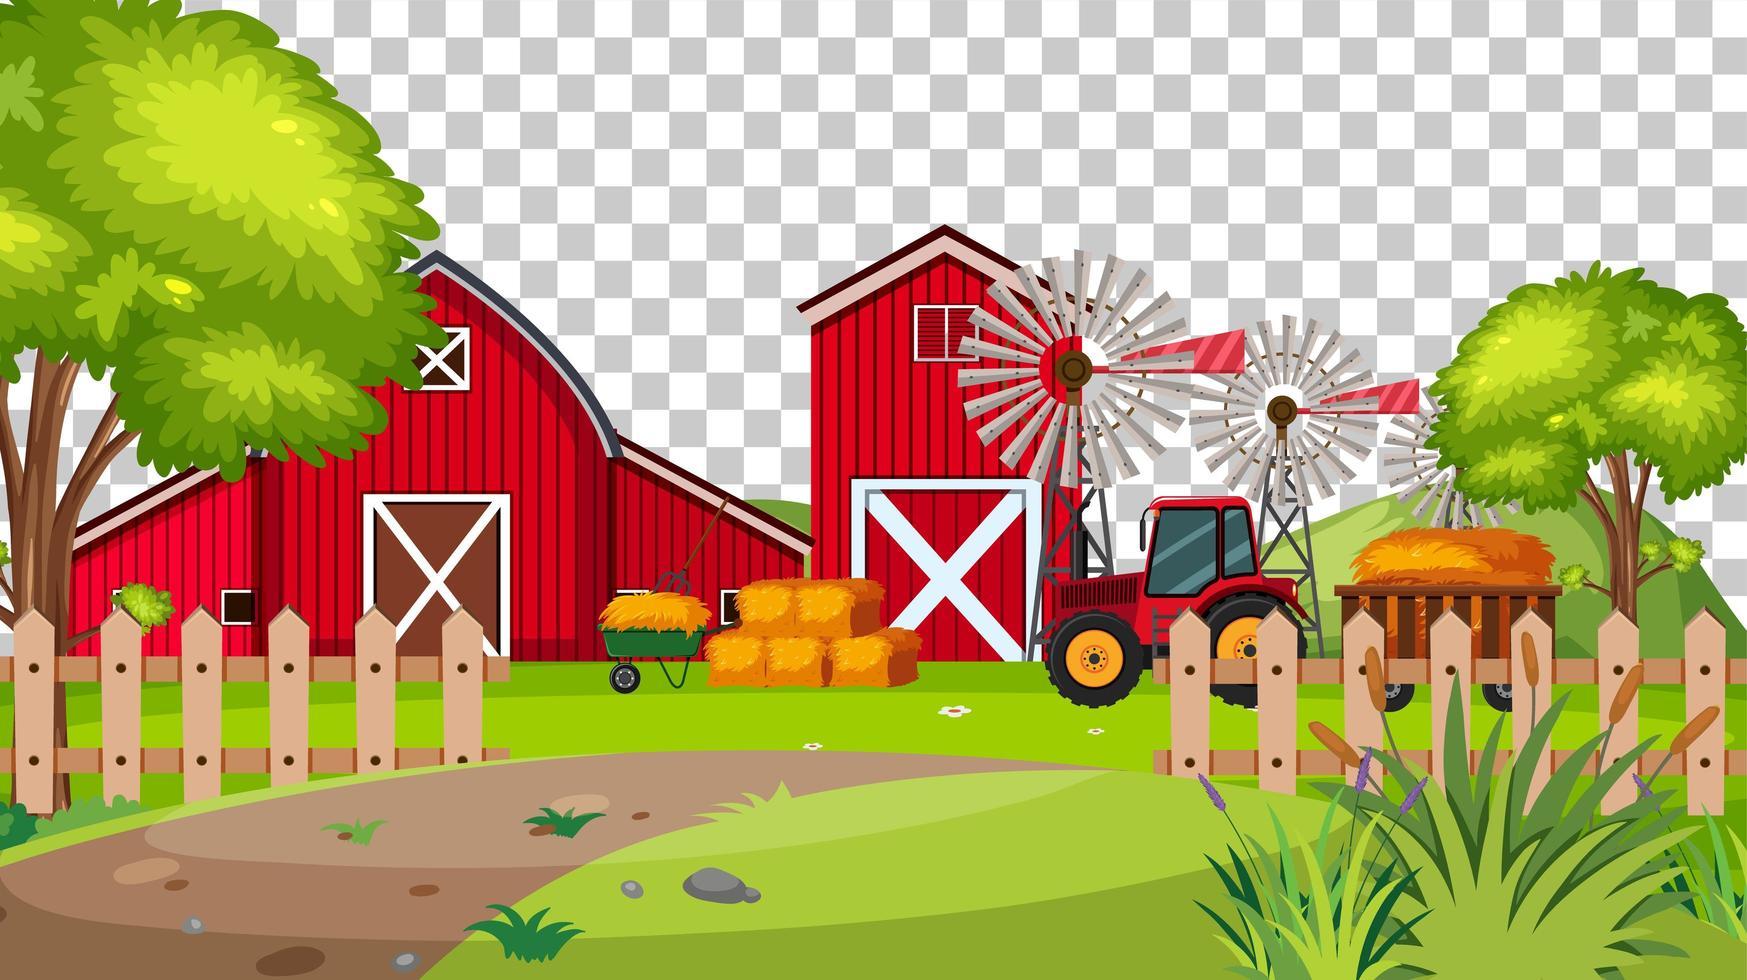 röd ladugård i gårdsplats på transparent bakgrund vektor